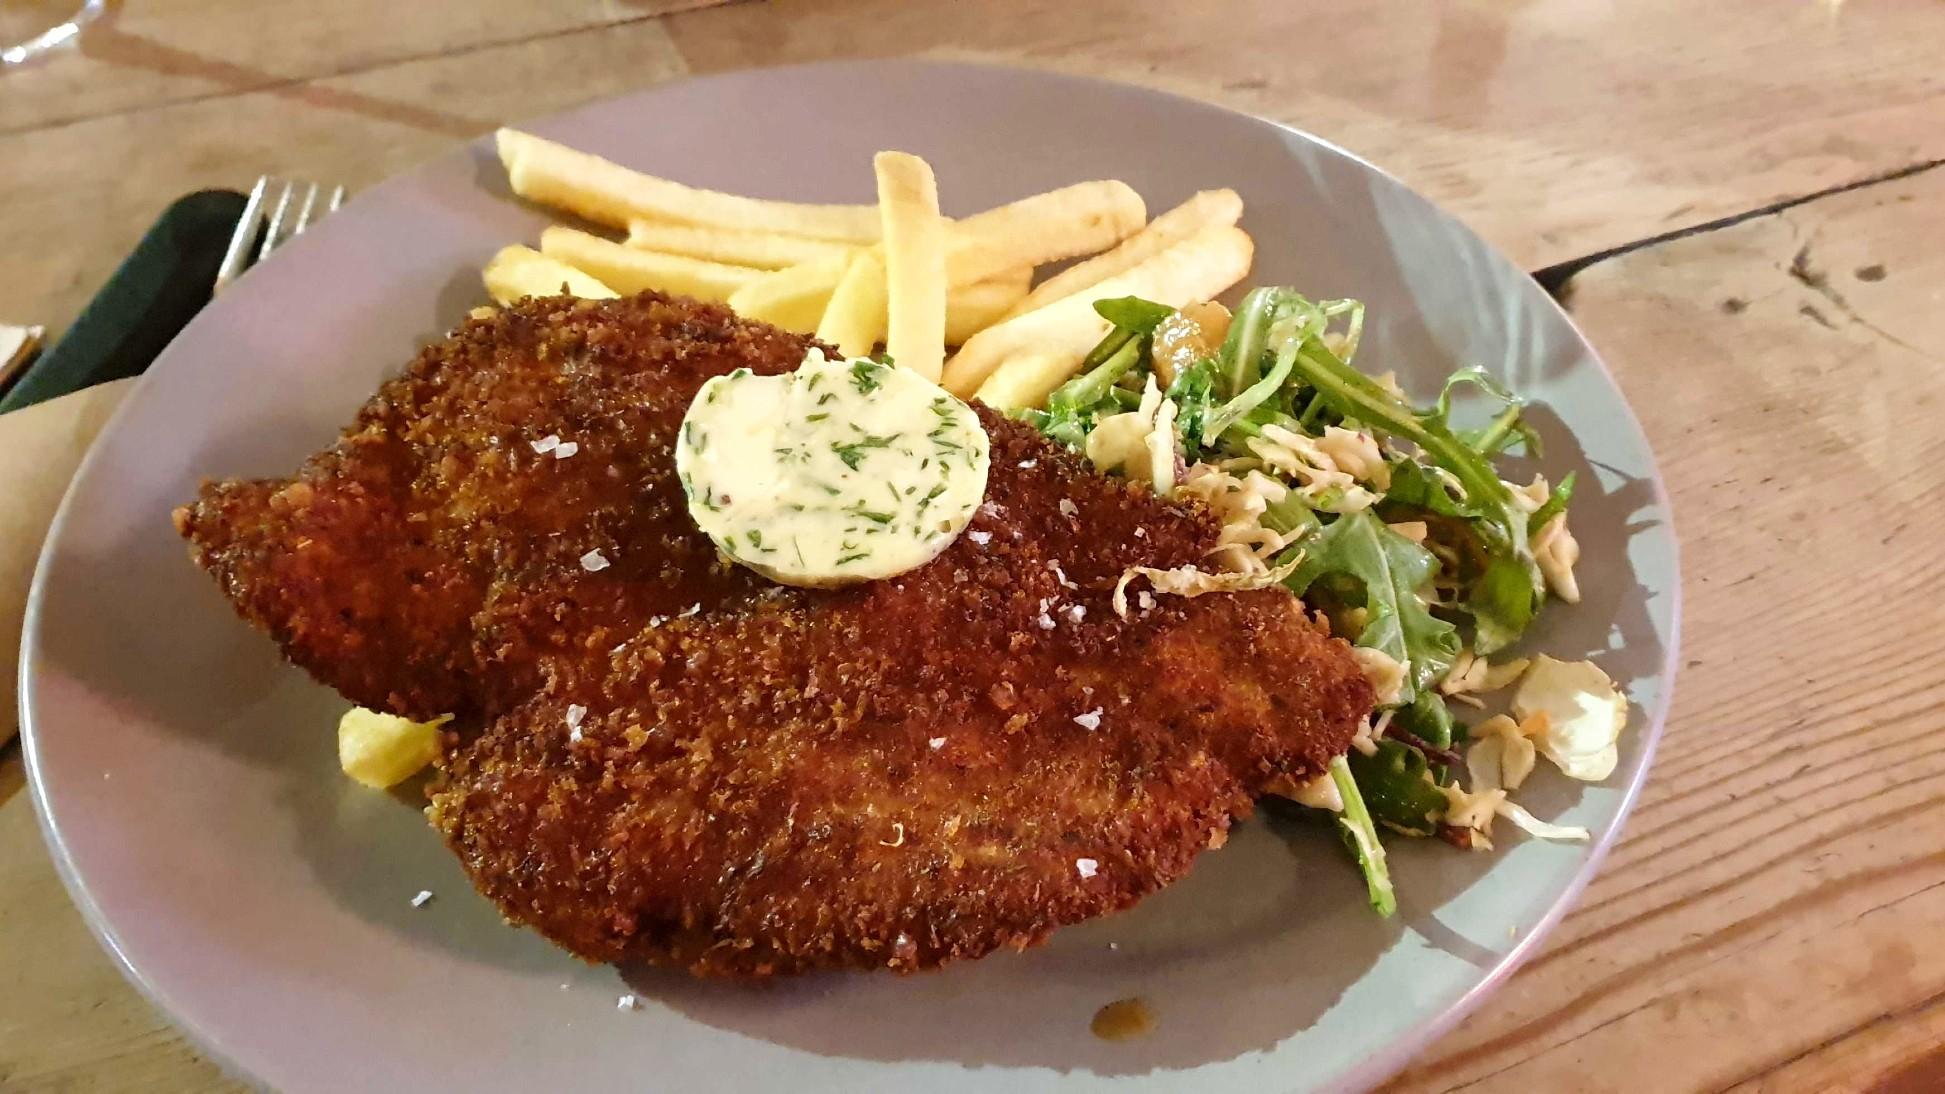 Chicken schnitzel at the Erko